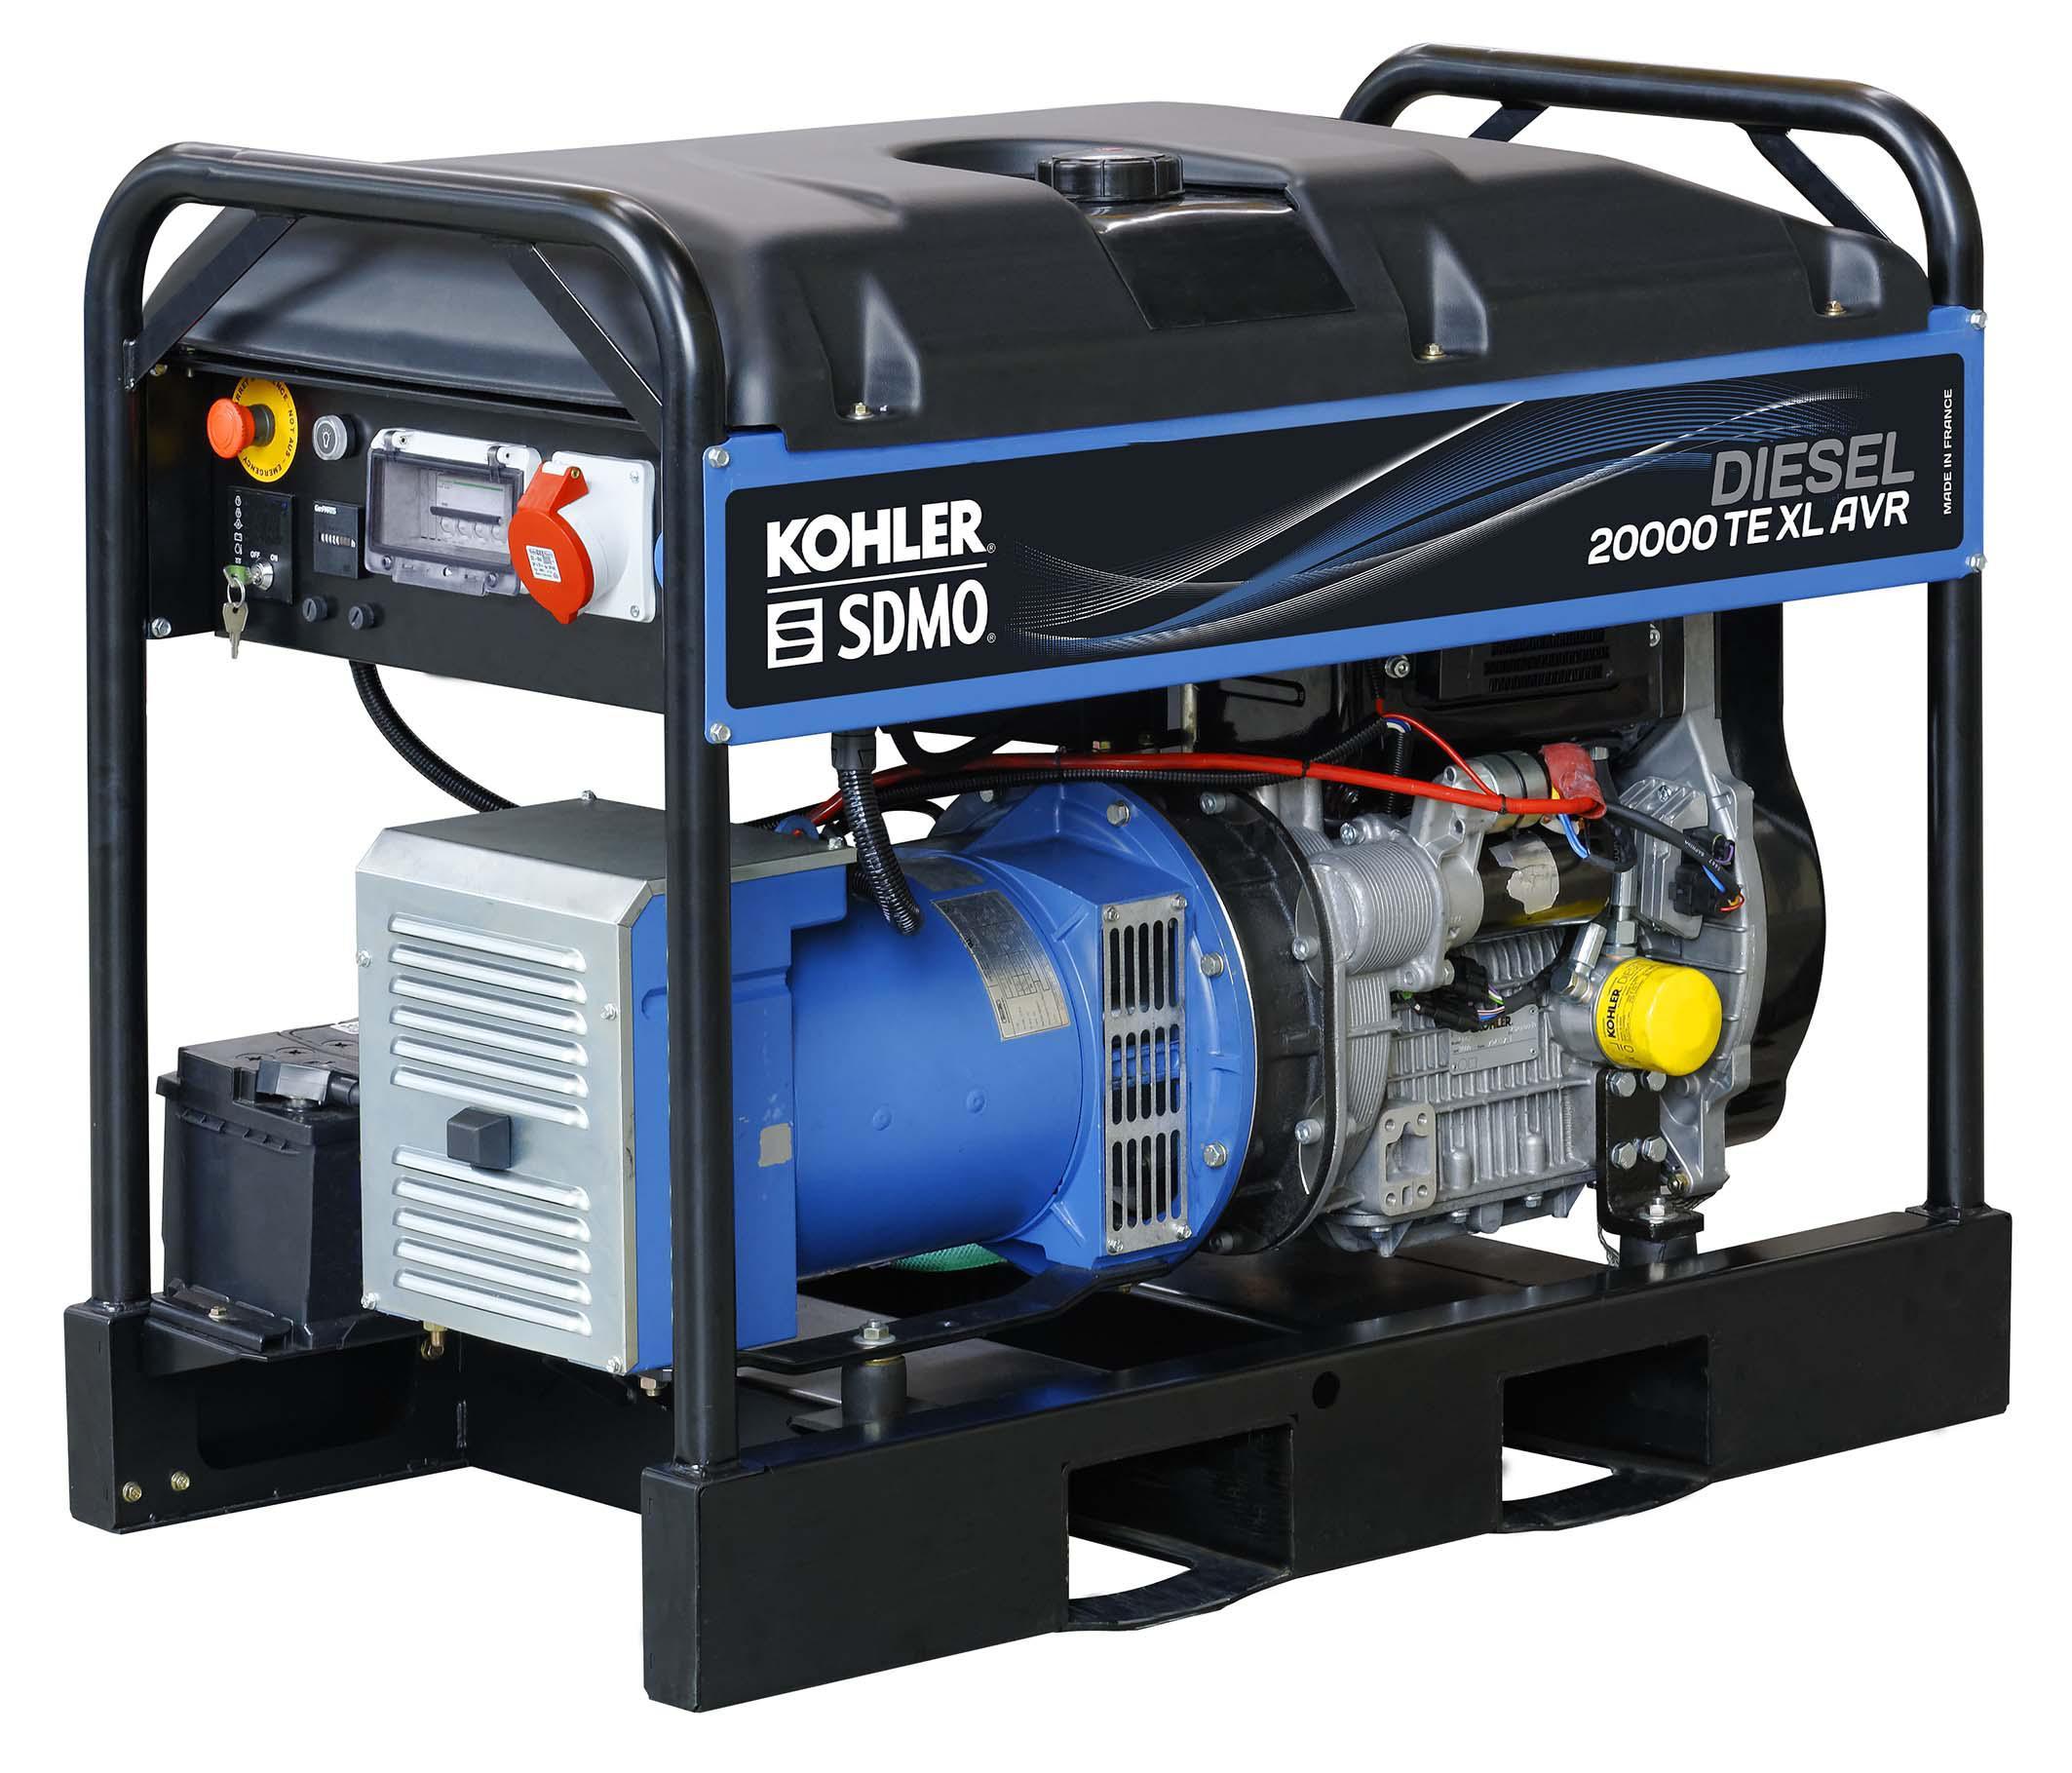 Дизельный генератор Sdmo Diesel 20000te xl avr c